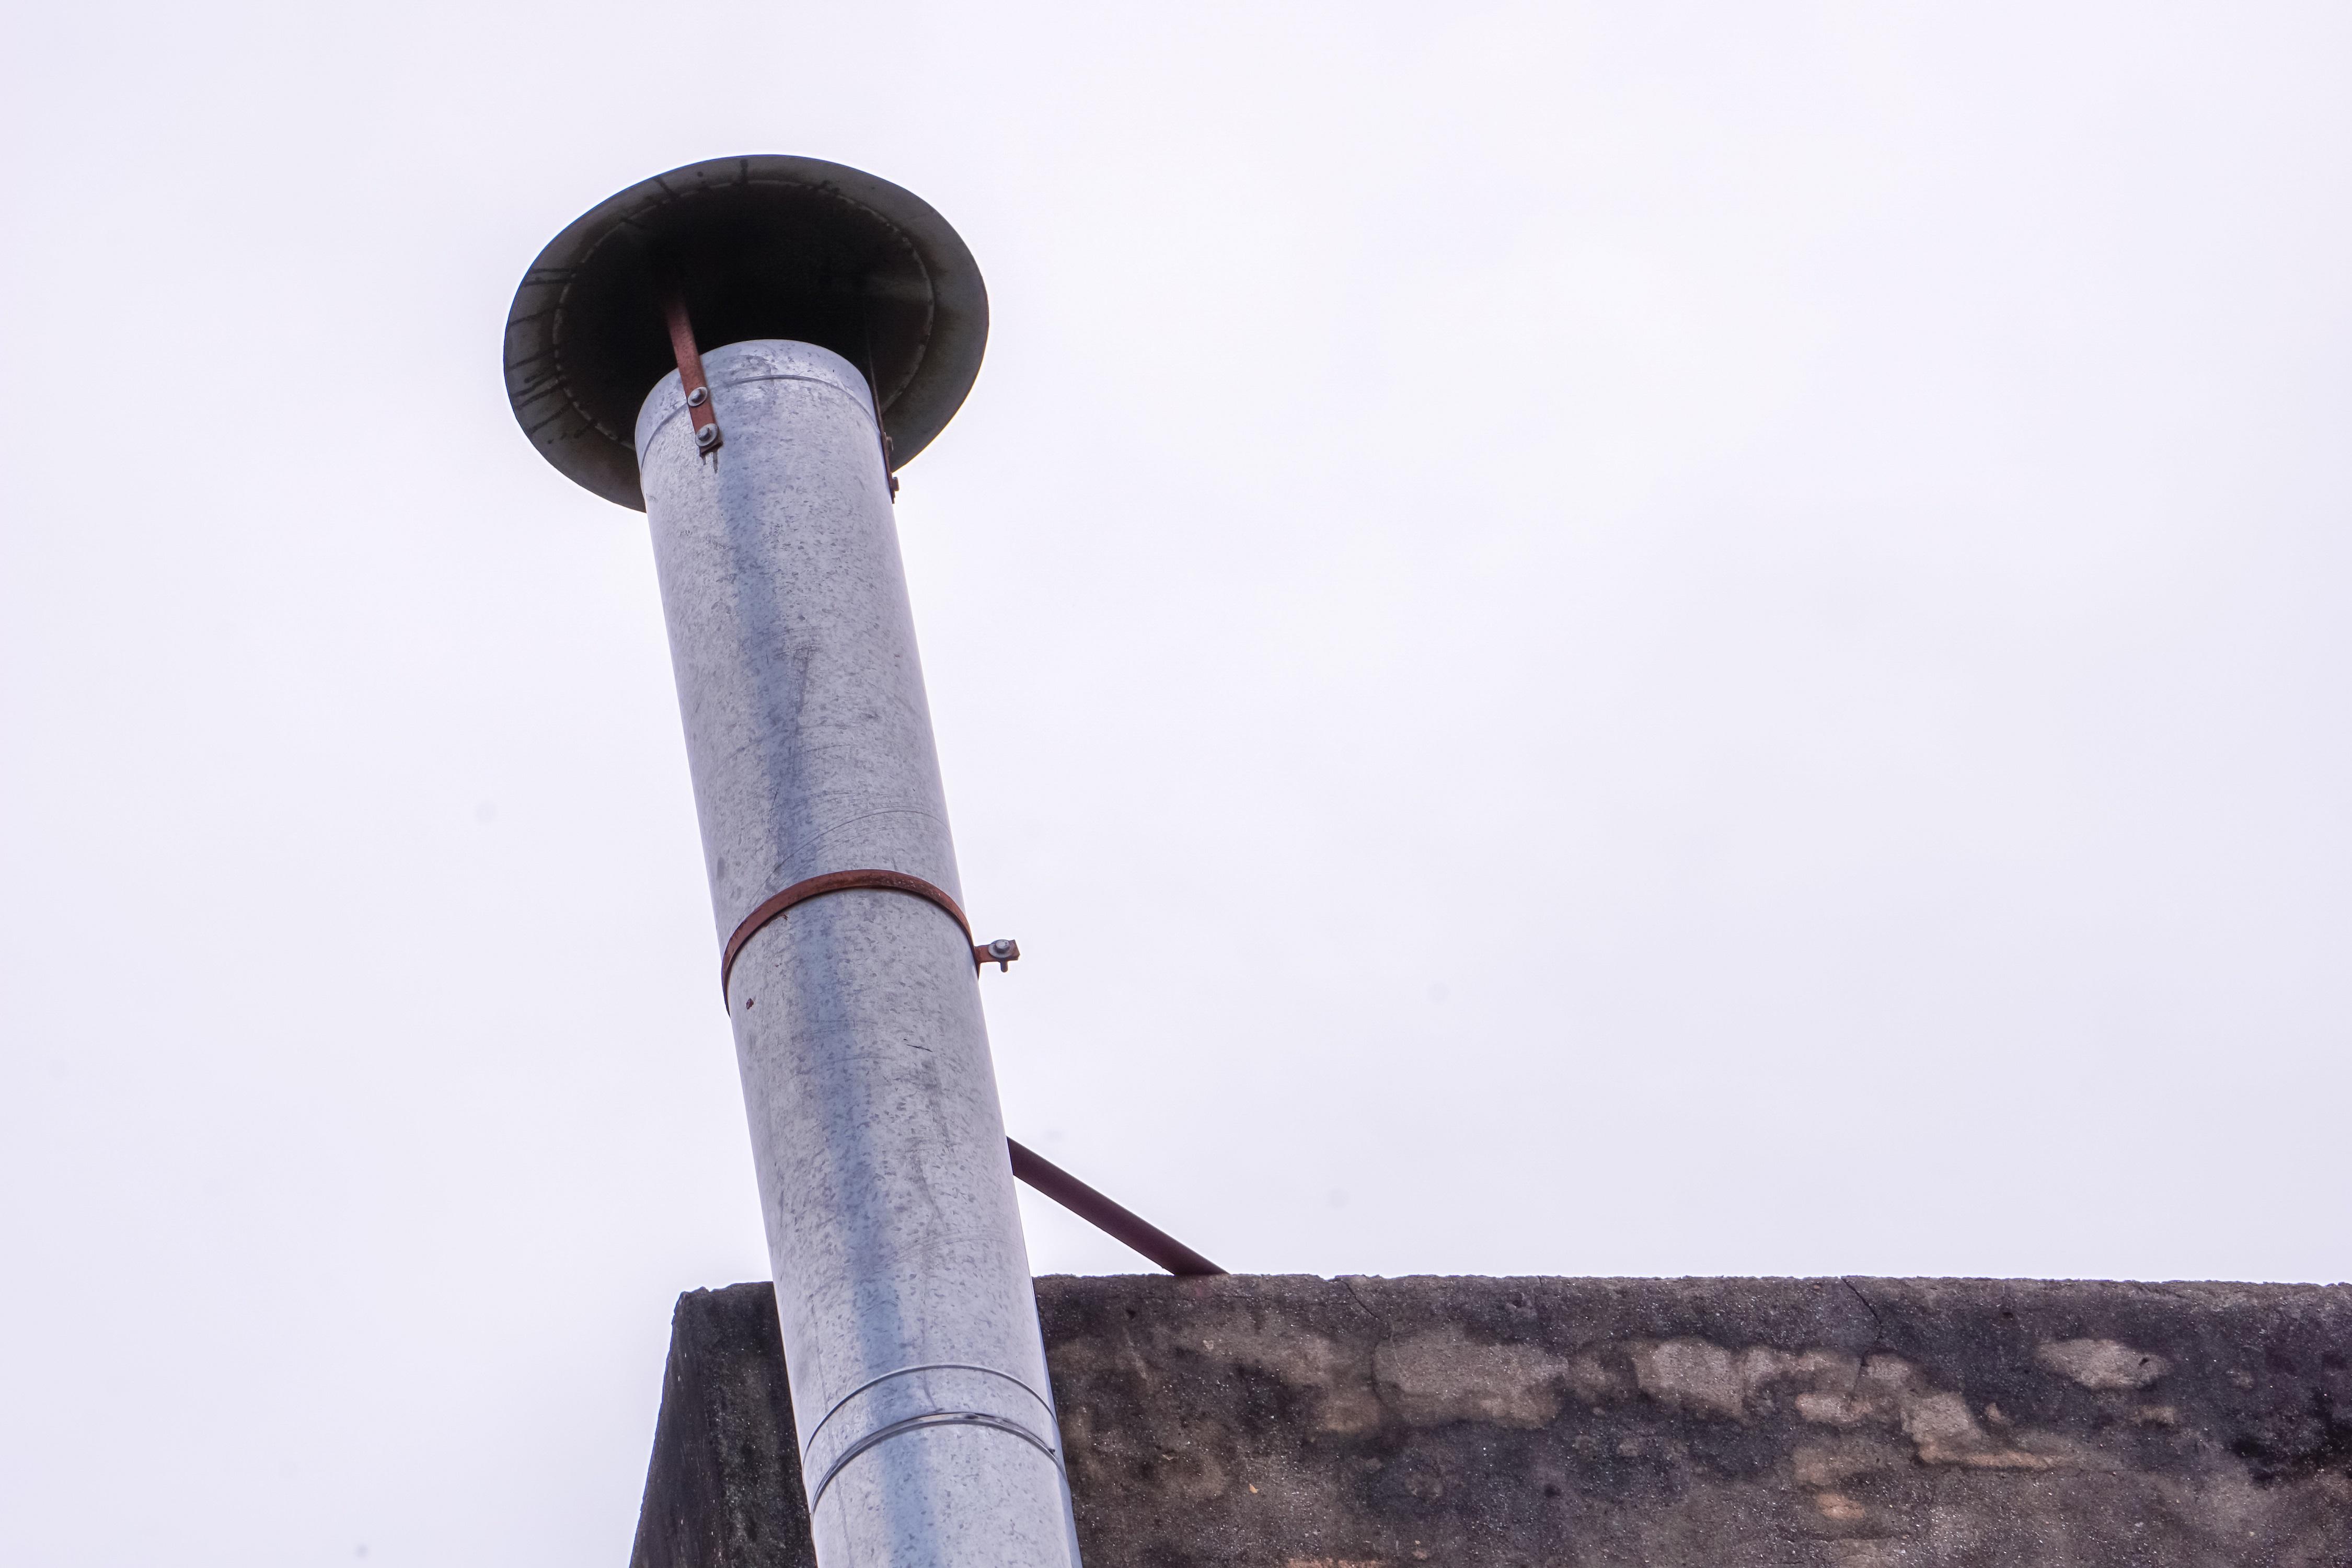 ¿Y si la instalación de un tubo extractor adosado a la fachada de la comunidad es la única solución técnica que permite continuar con la actividad?